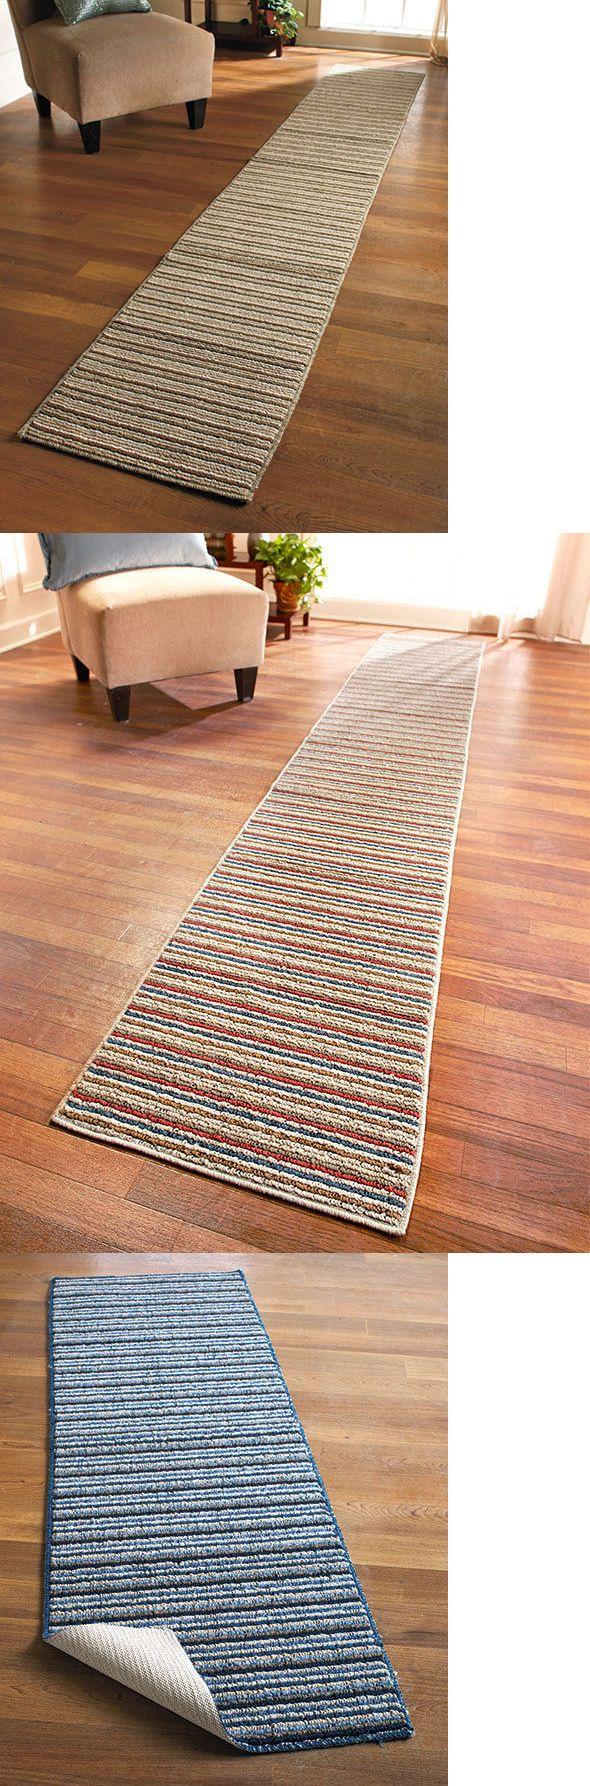 Runners 20574 Extra Long Nonslip Striped Floor Runner Rug E Sand Or Blue 60 90 120 It Now Only 25 53 On Ebay